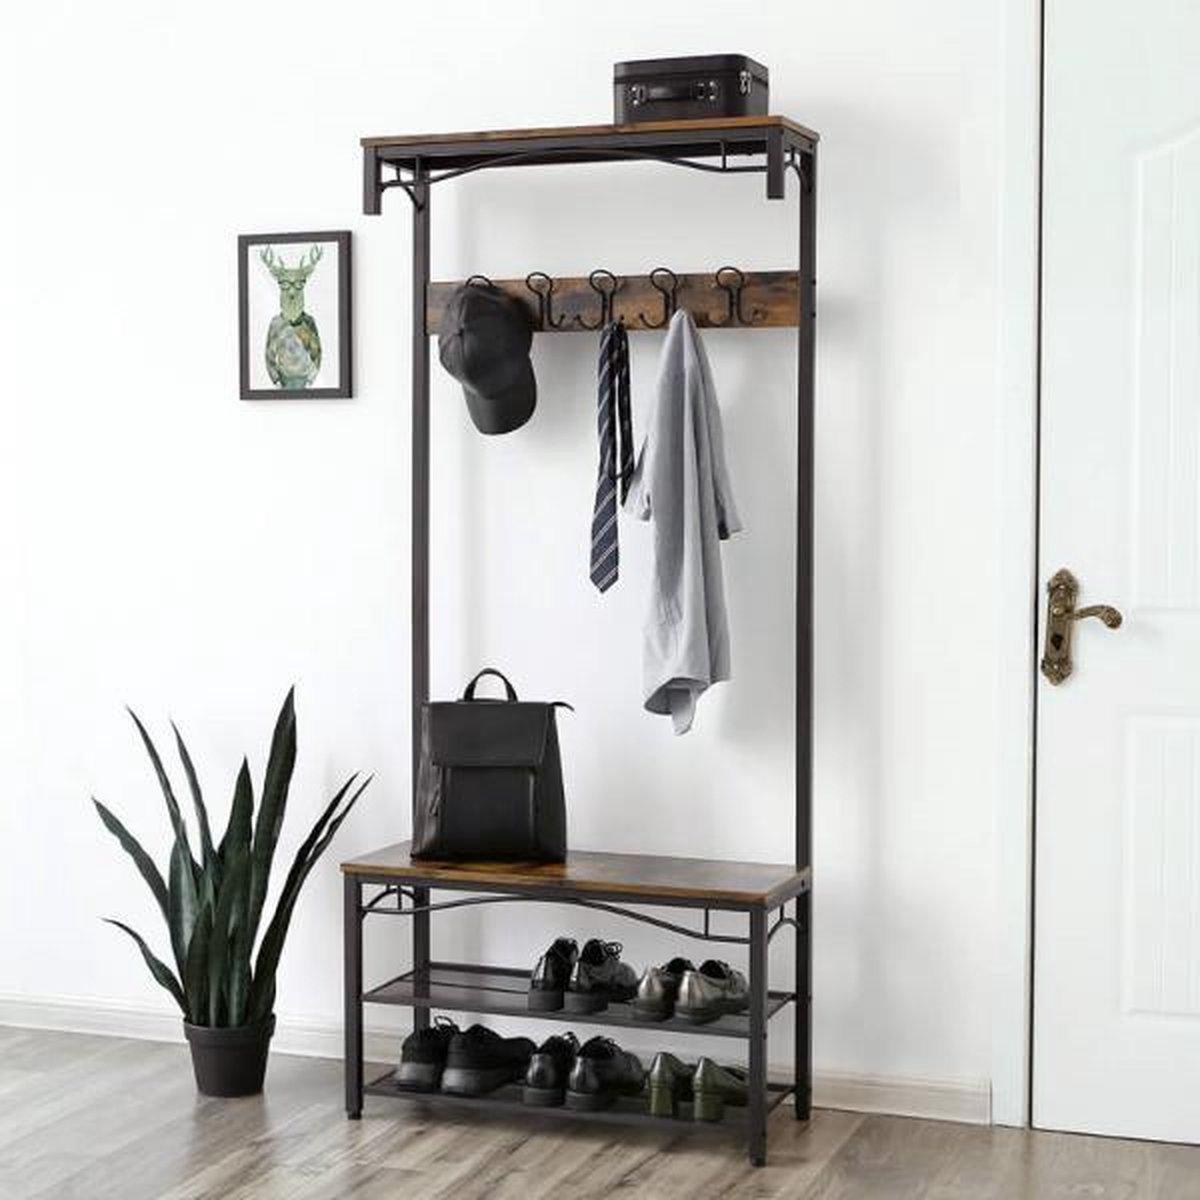 MIRA Home - Garderoberek XL - Kapstok - Multifunctioneel - Industrieel - Bruin/zwart - 80x32x178,5